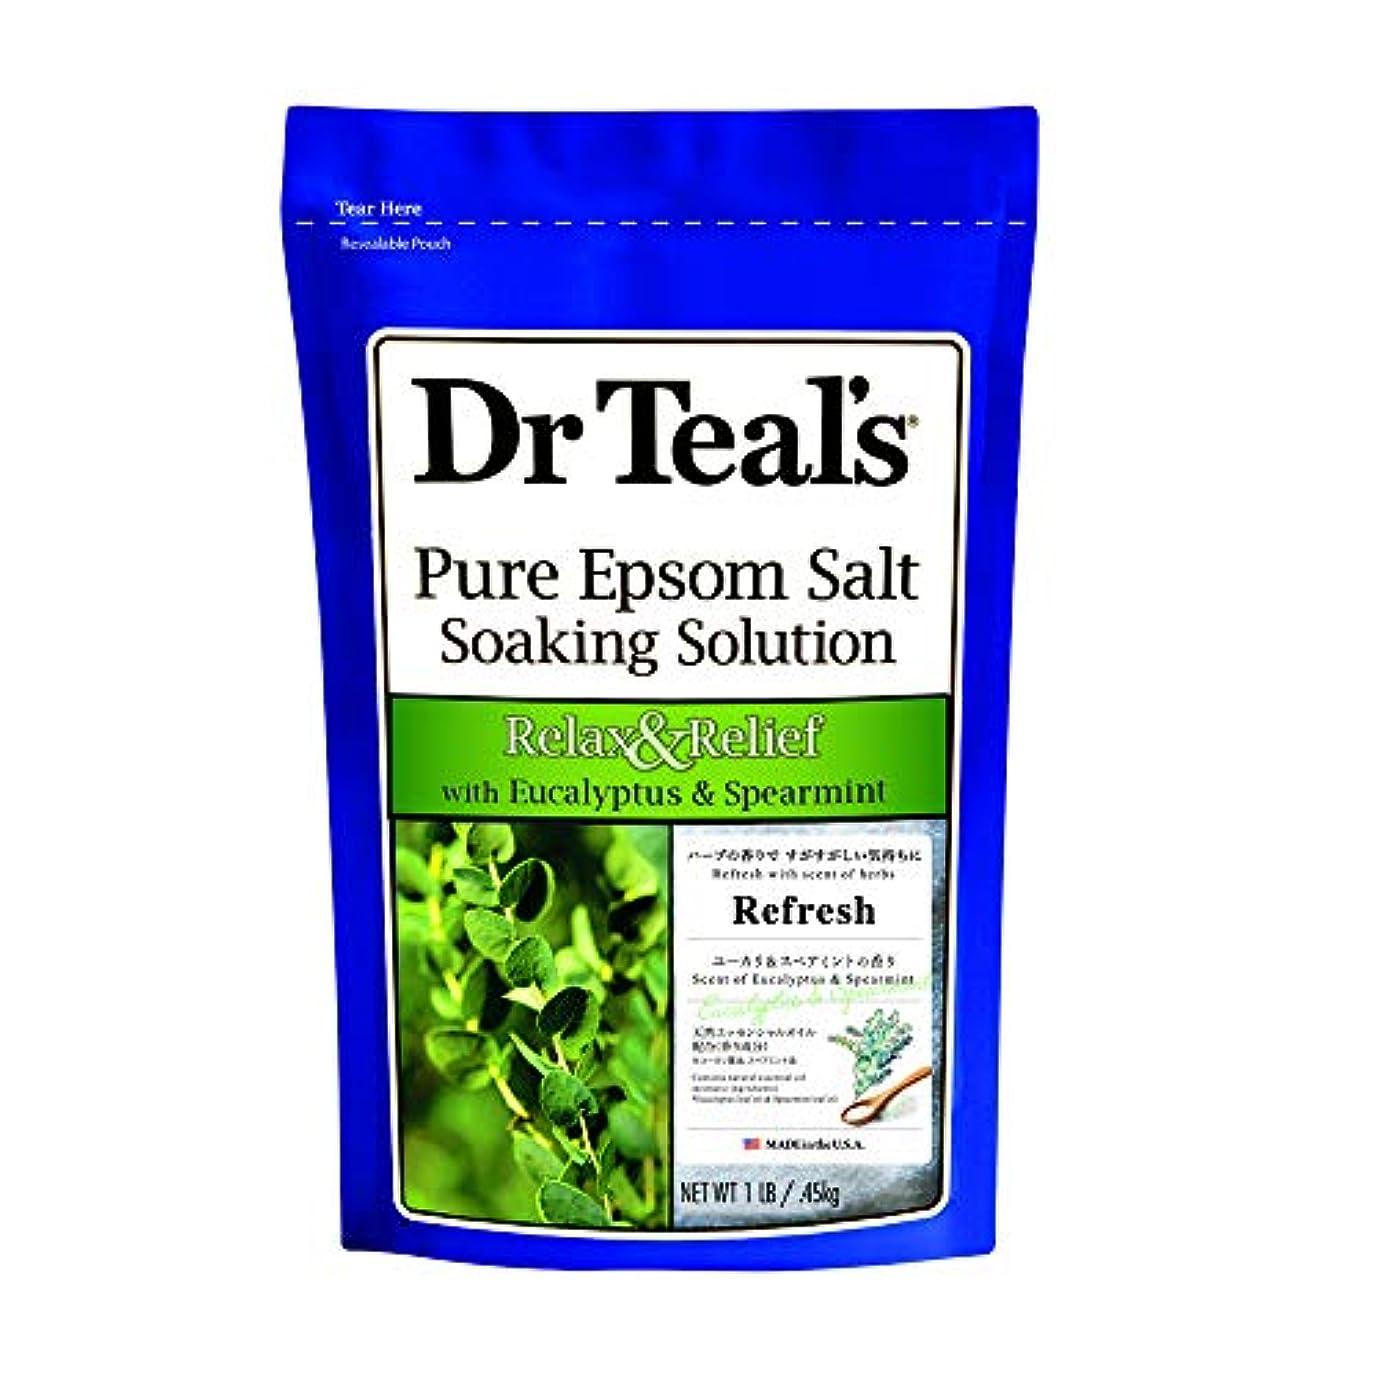 クロール差し控える骨Dr Teal's(ティールズ) フレグランスエプソムソルト ユーカリ&スペアミント 入浴剤 453g